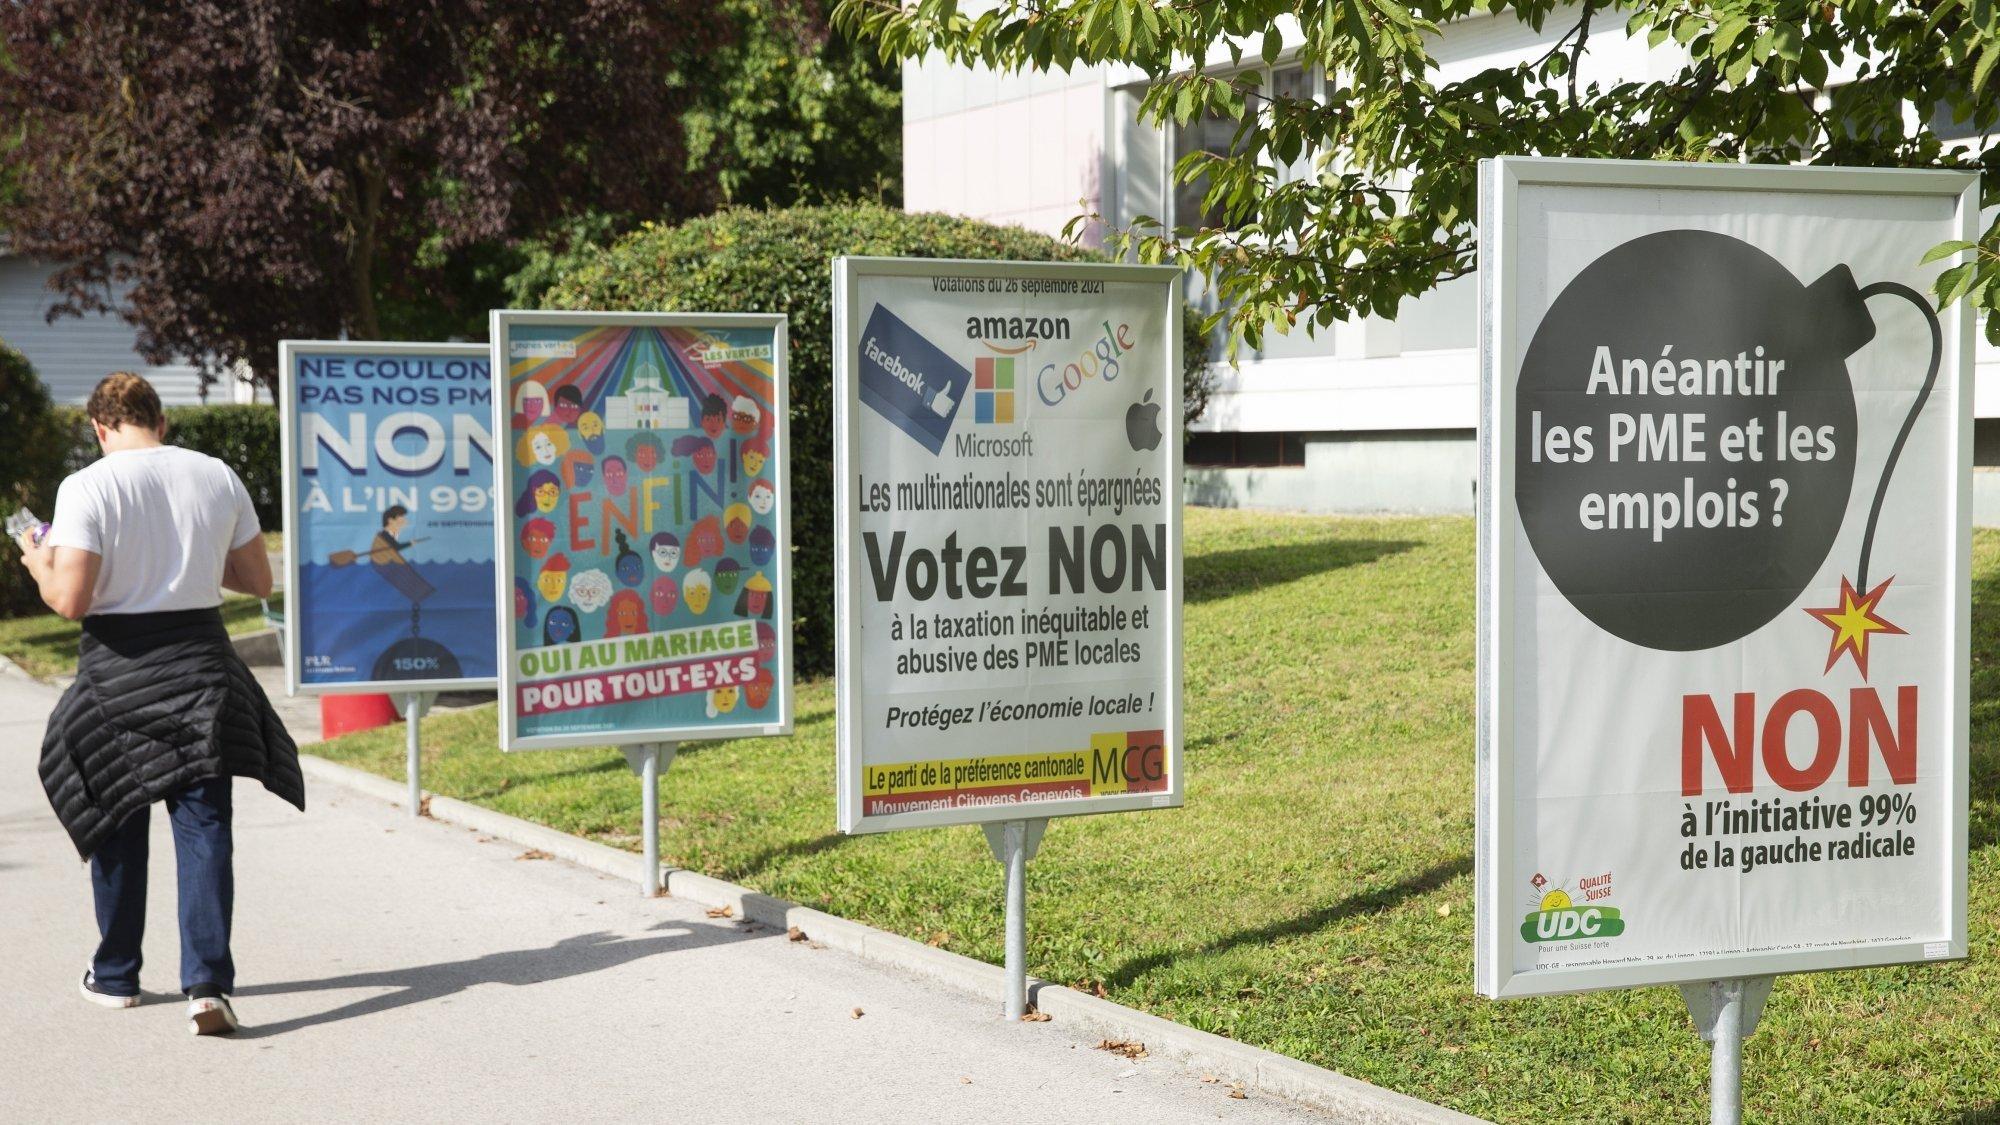 La mobilisation contre l'initiative était forte. 64,9% des votants ont rejeté cette dernière, hier.